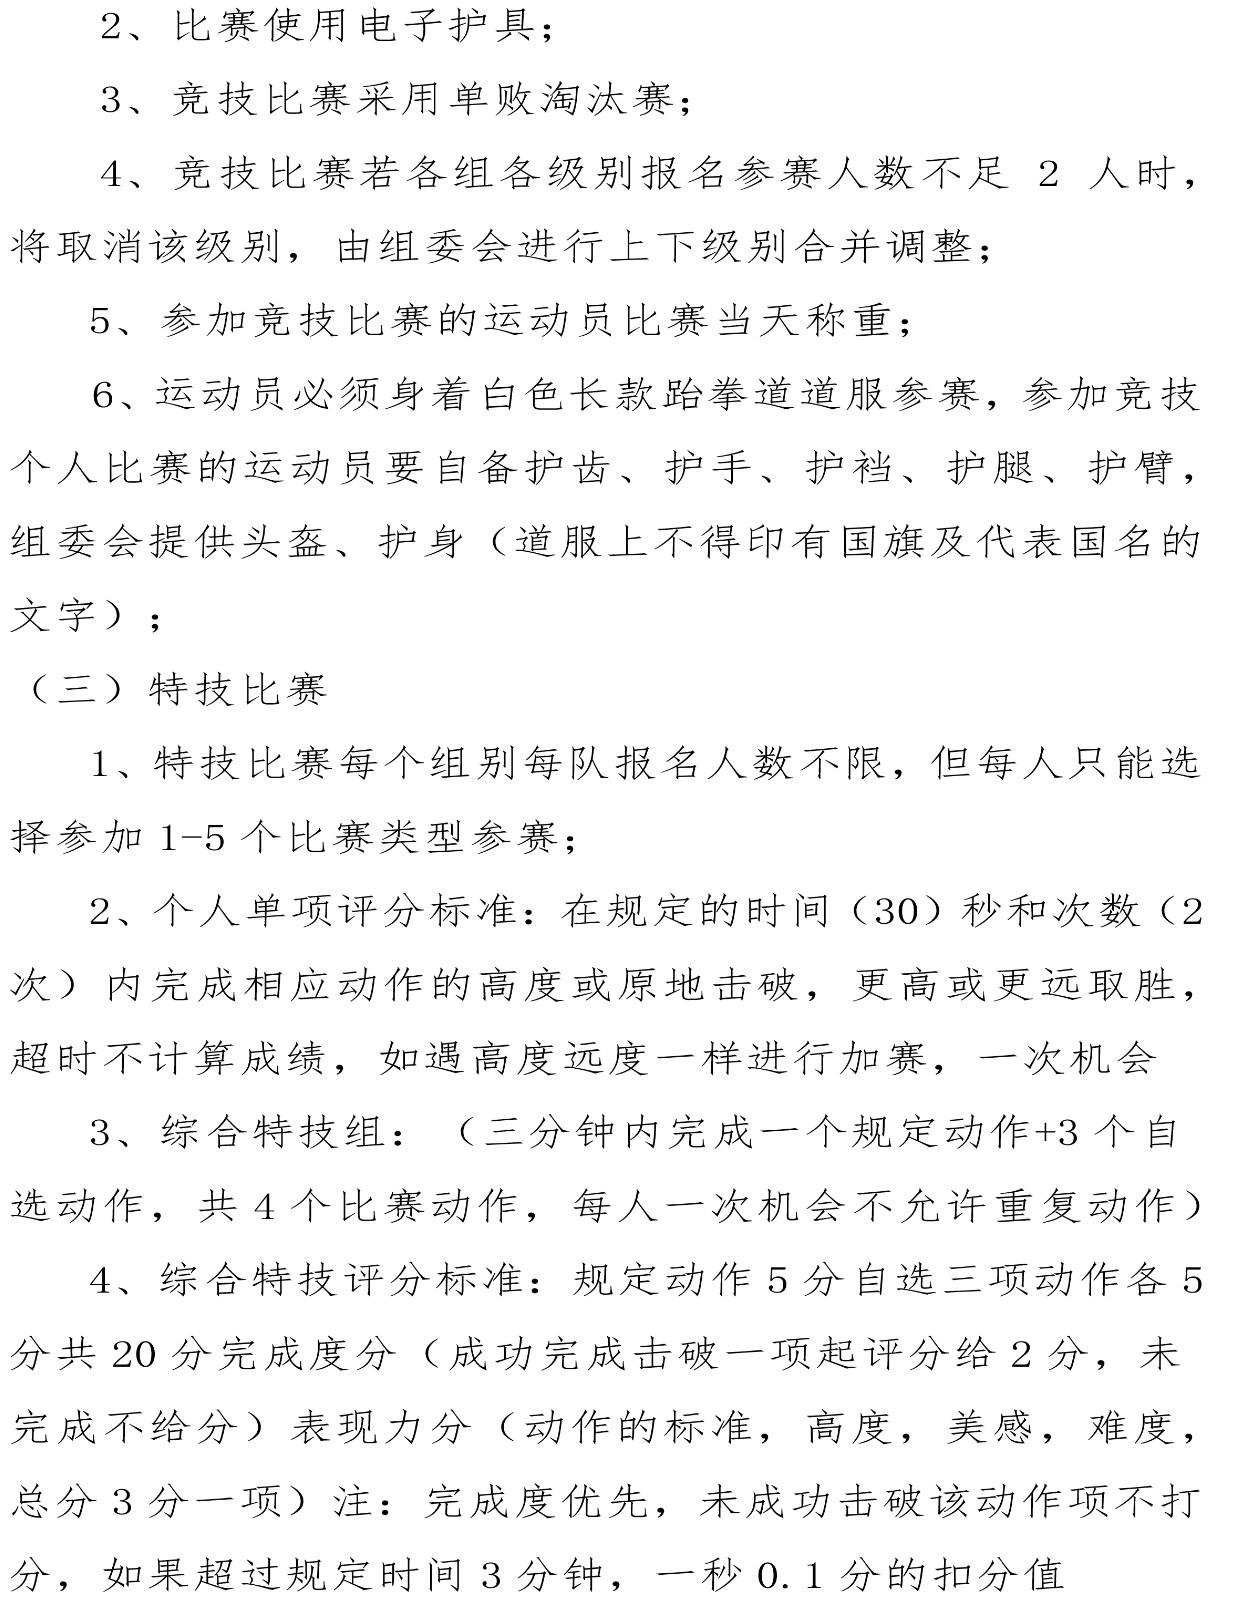 2020 年全国体育学校联合会青少儿跆拳道巡回赛四川站竞赛规程-8